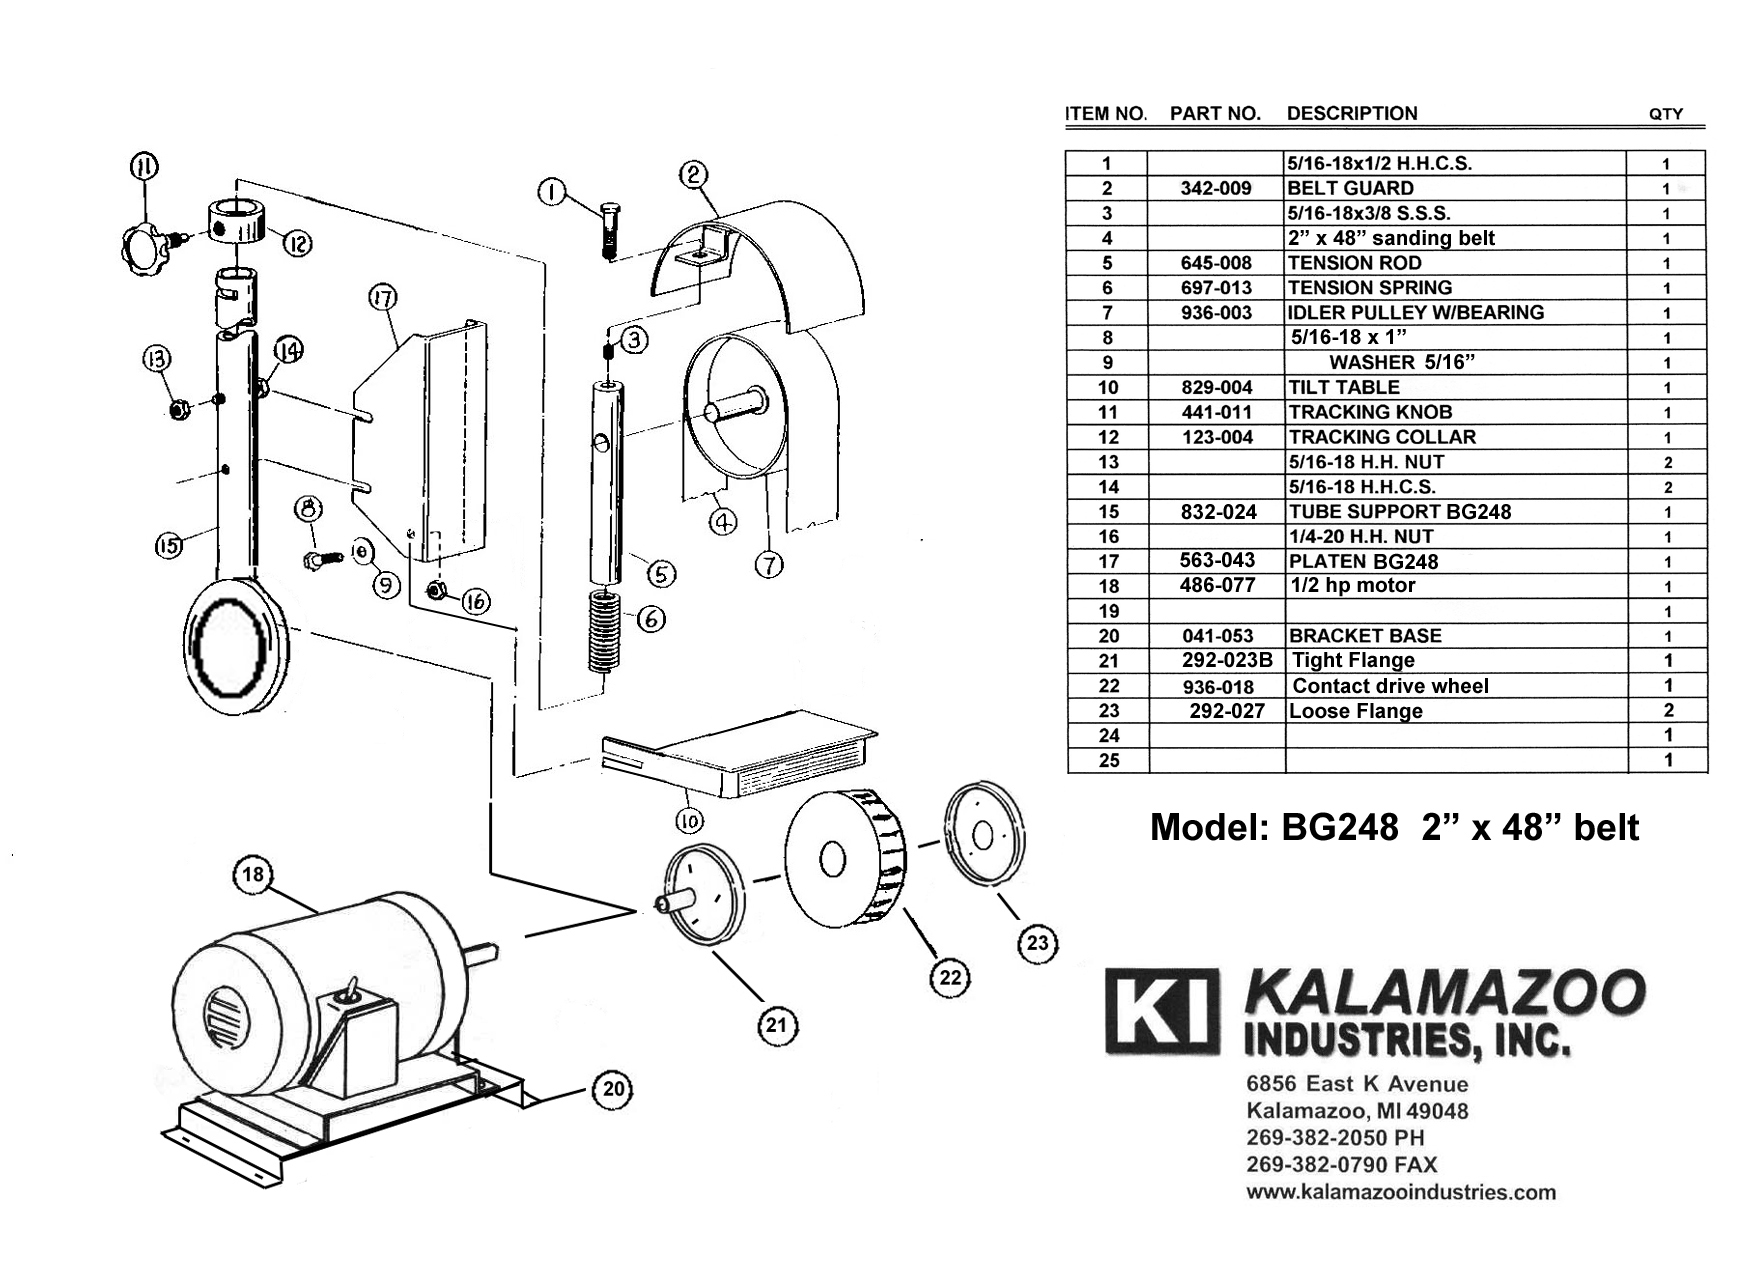 Delta Industrial Bench Grinder Switch Wiring Diagram  Delta Saw